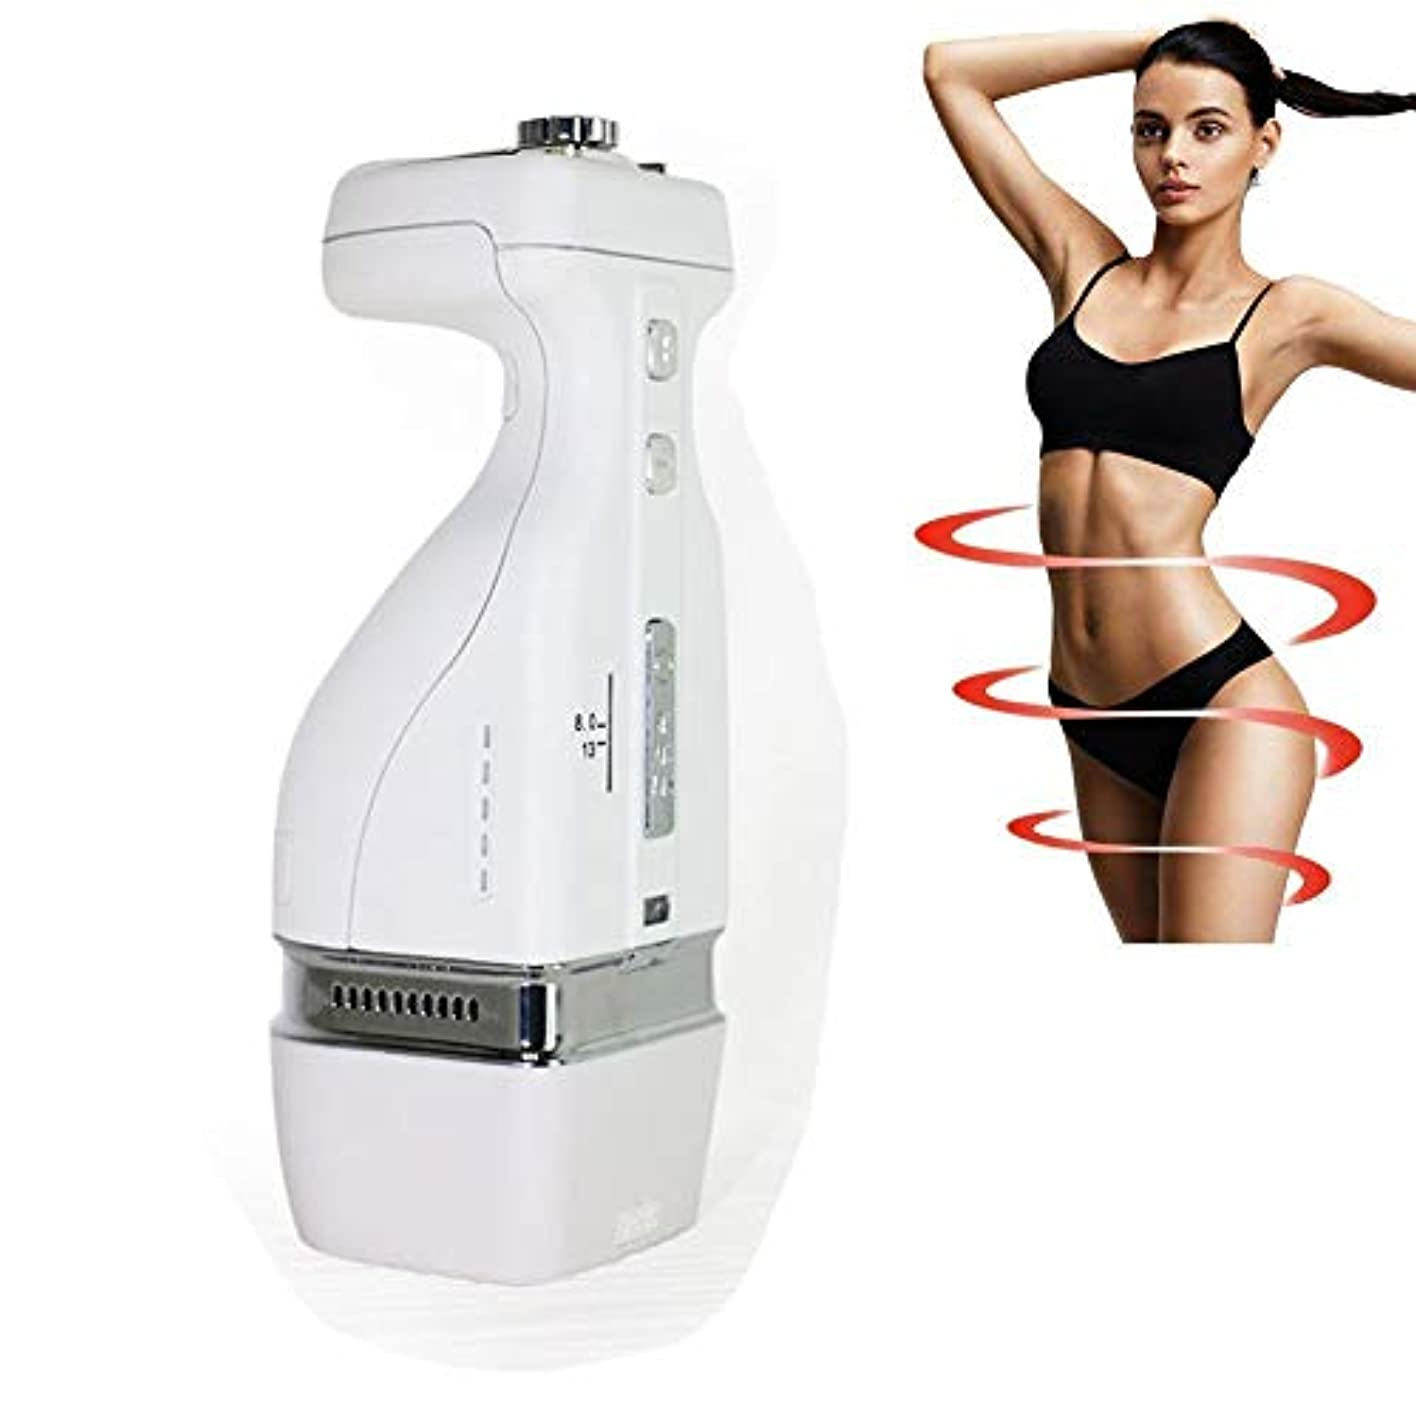 る壊滅的な宣言するHIFU痩身ボディ腹脂肪除去マッサージャー2 in1便利な減量脂肪マシン家庭用フェイシャルビューティーサロン機器